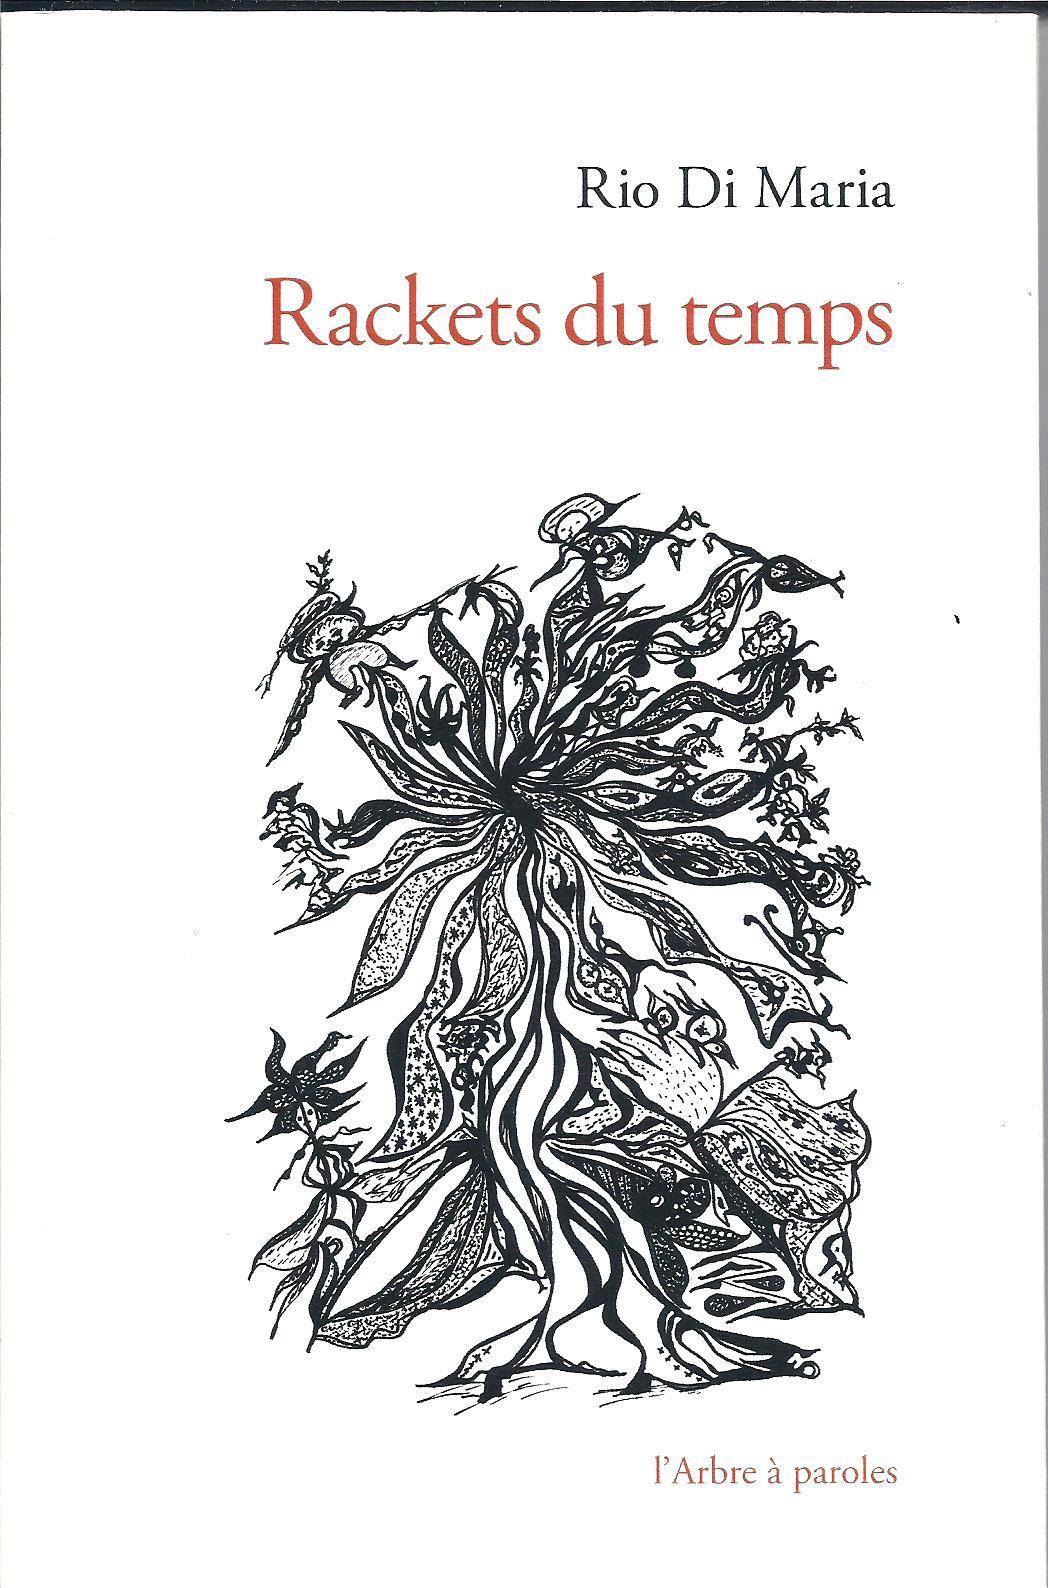 Les rackets du temps. Rio di Maria. ( L'Arbre à paroles) - Dessin sur la couverture : © Rio Di Maria - DR